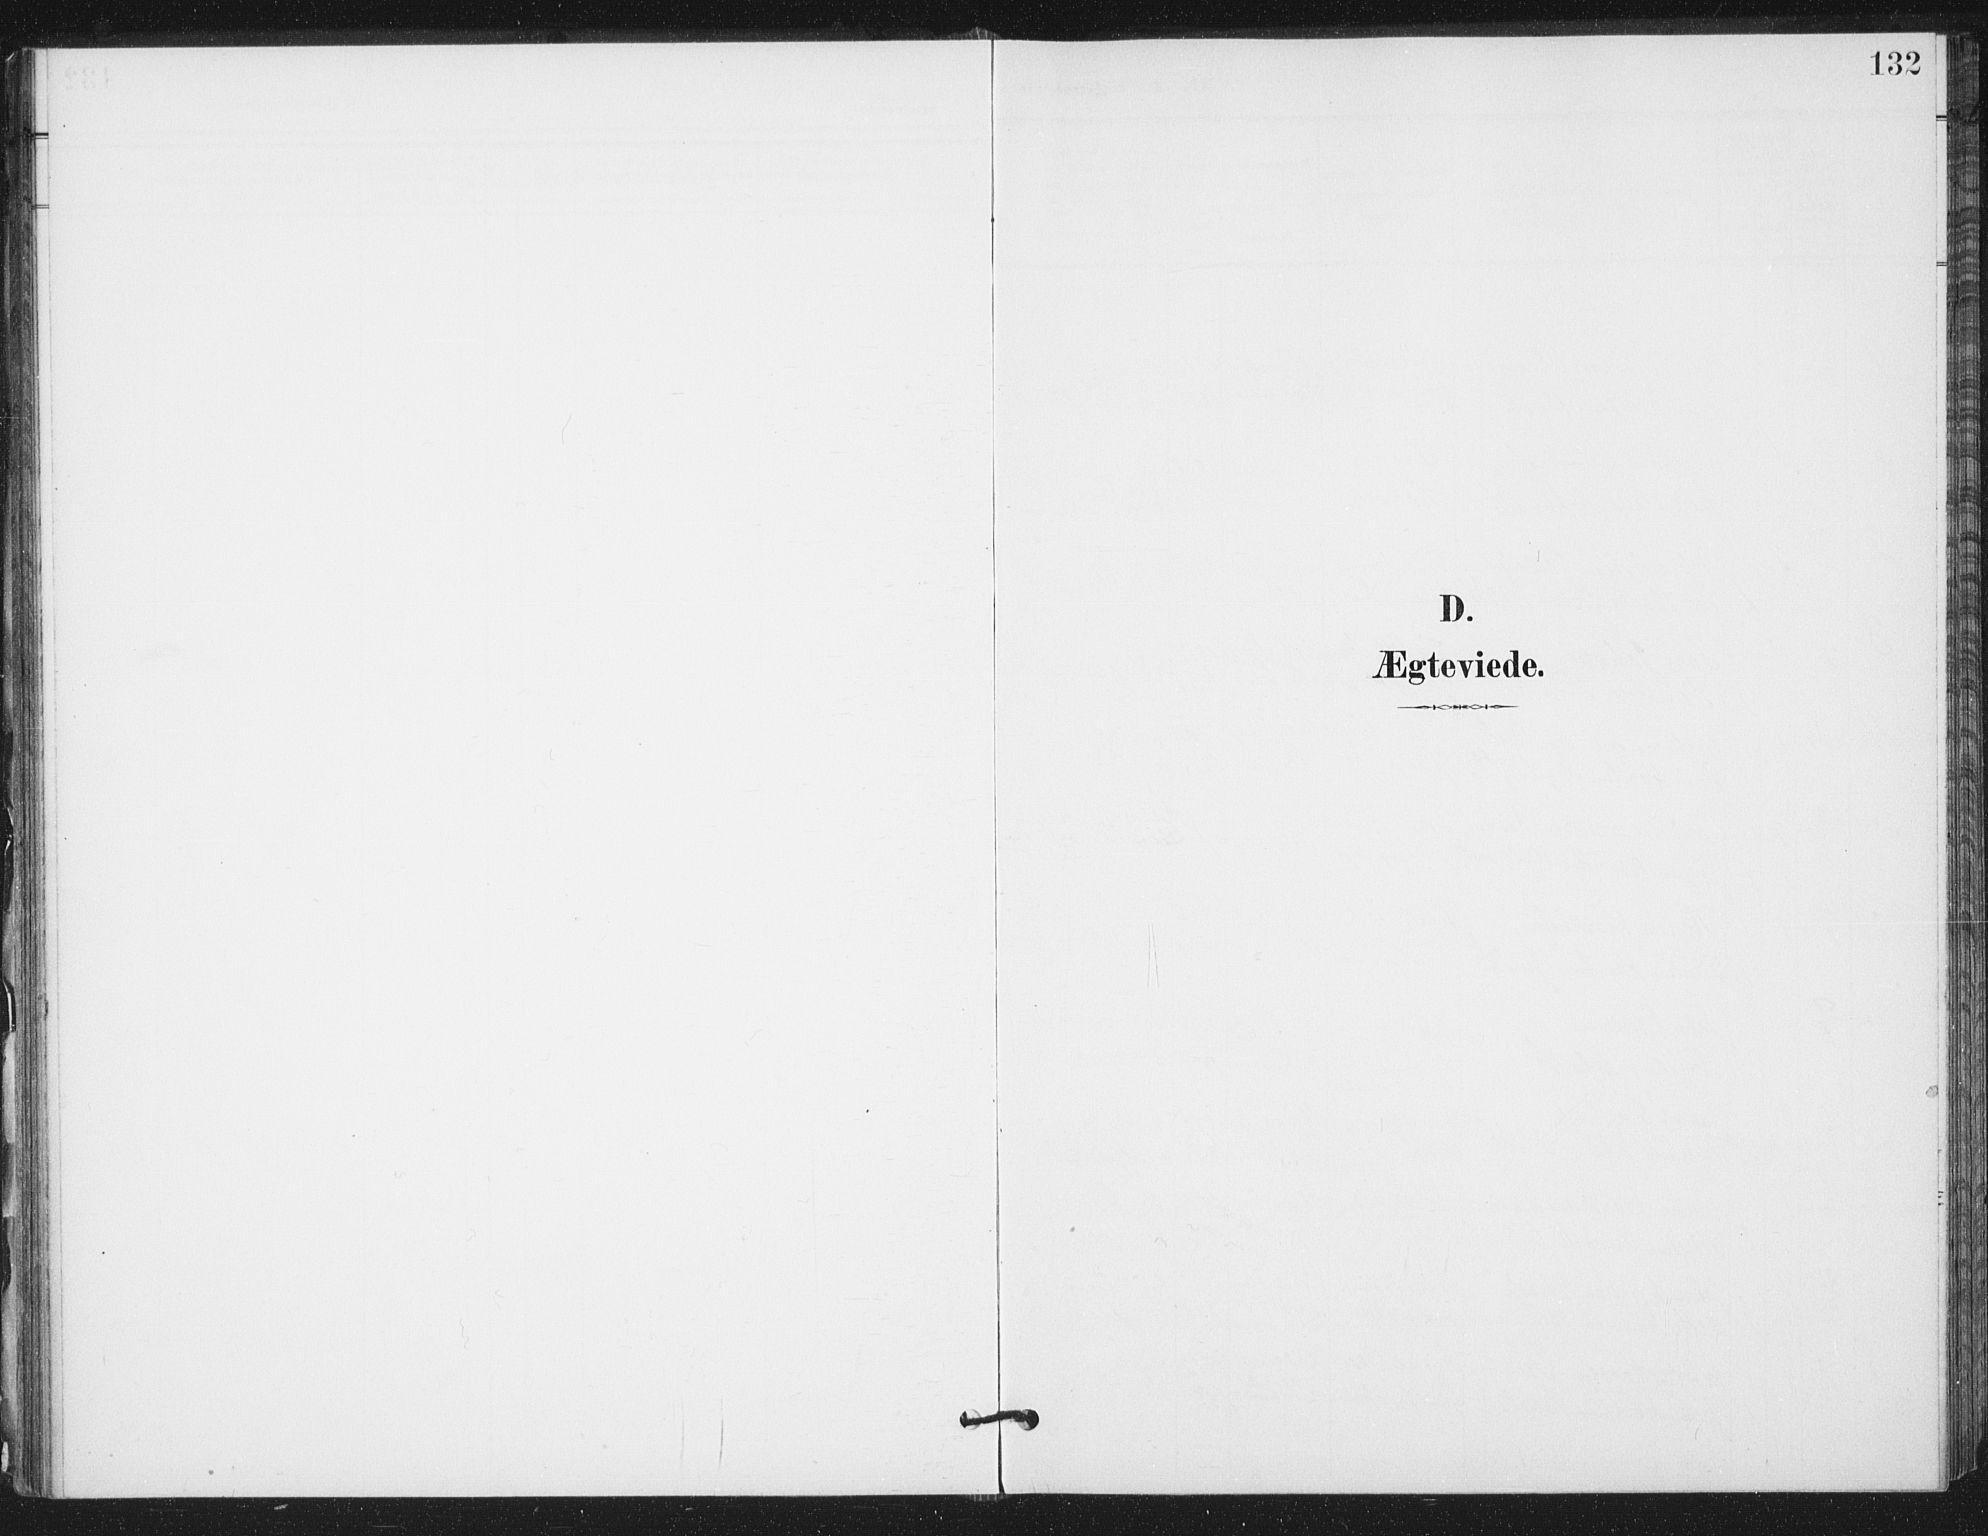 SAT, Ministerialprotokoller, klokkerbøker og fødselsregistre - Sør-Trøndelag, 658/L0723: Ministerialbok nr. 658A02, 1897-1912, s. 132